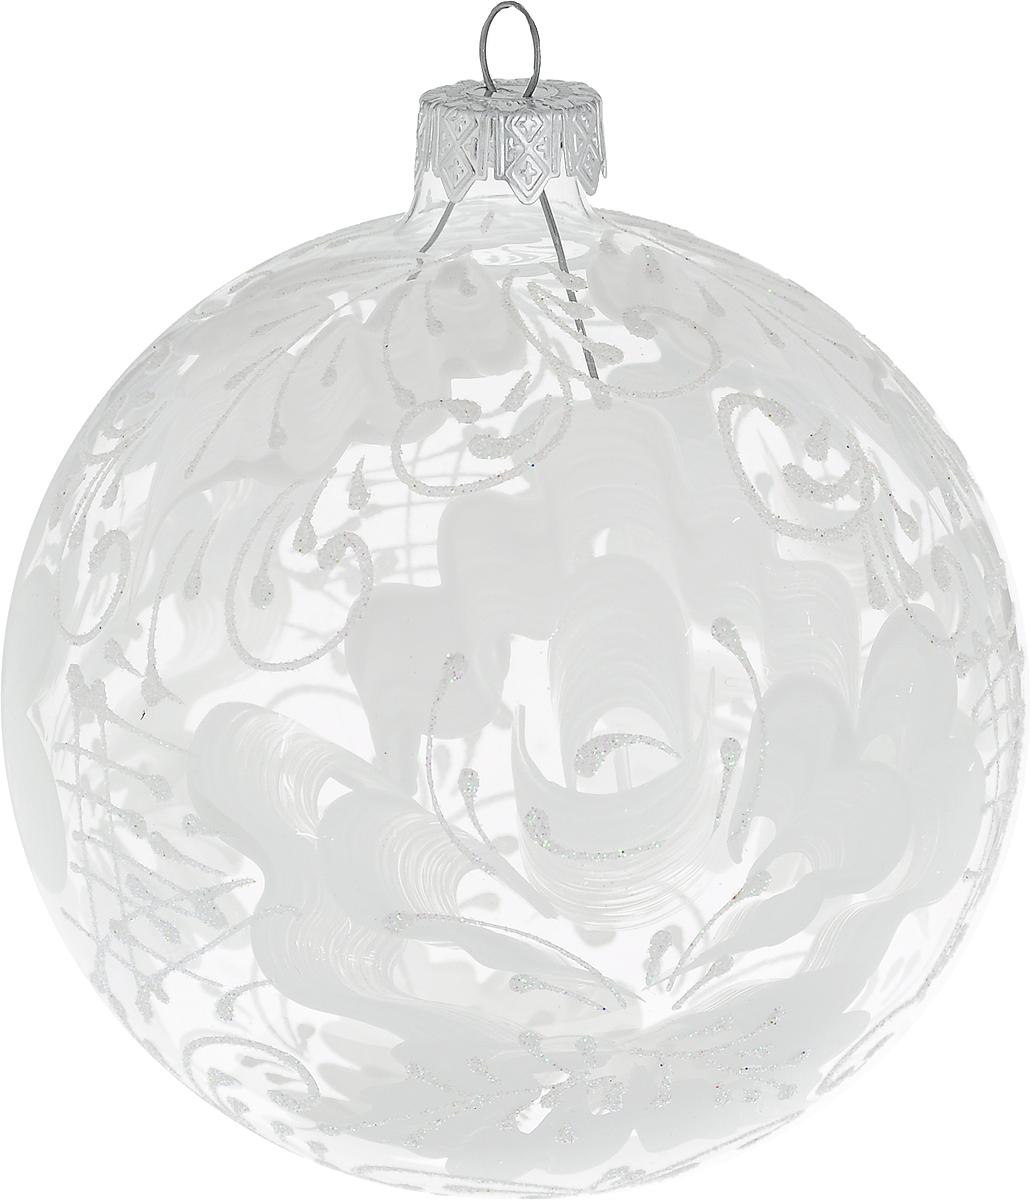 Украшение новогоднее подвесное Клавдиево Роза на прозрачном, ручная работа, диаметр 10 смH-100-0000-N-Роза на прозрачномНовогоднее украшение Роза на прозрачном ручной работы, выполненное из стекла, отлично подойдет для декорации вашего дома и новогодней ели. С помощью специальной петельки украшение можно повесить в любом понравившемся вам месте. Но, конечно, удачнее всего оно будет смотреться на праздничной елке.Елочная игрушка - символ Нового года. Она несет в себе волшебство и красоту праздника. Такое украшение создаст в вашем доме атмосферу праздника, веселья и радости.